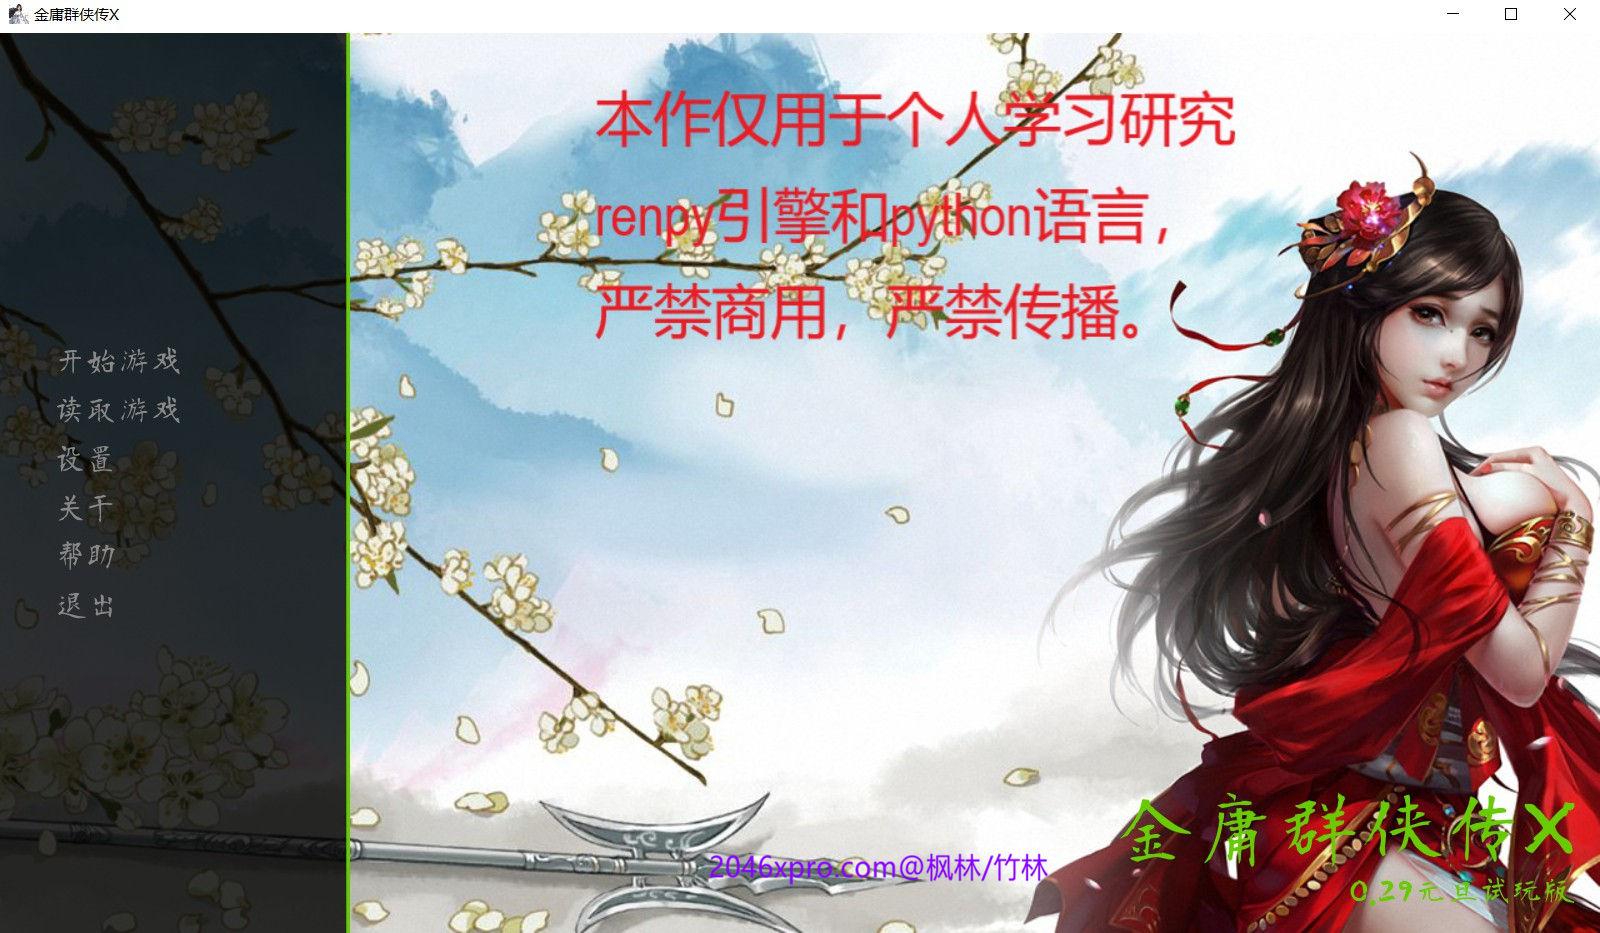 [武侠SLG/中文]金庸群侠传X:Renpy重制中文版V0.29★1.16更新[魔改/国语CV][6G] - 咿呜游戏